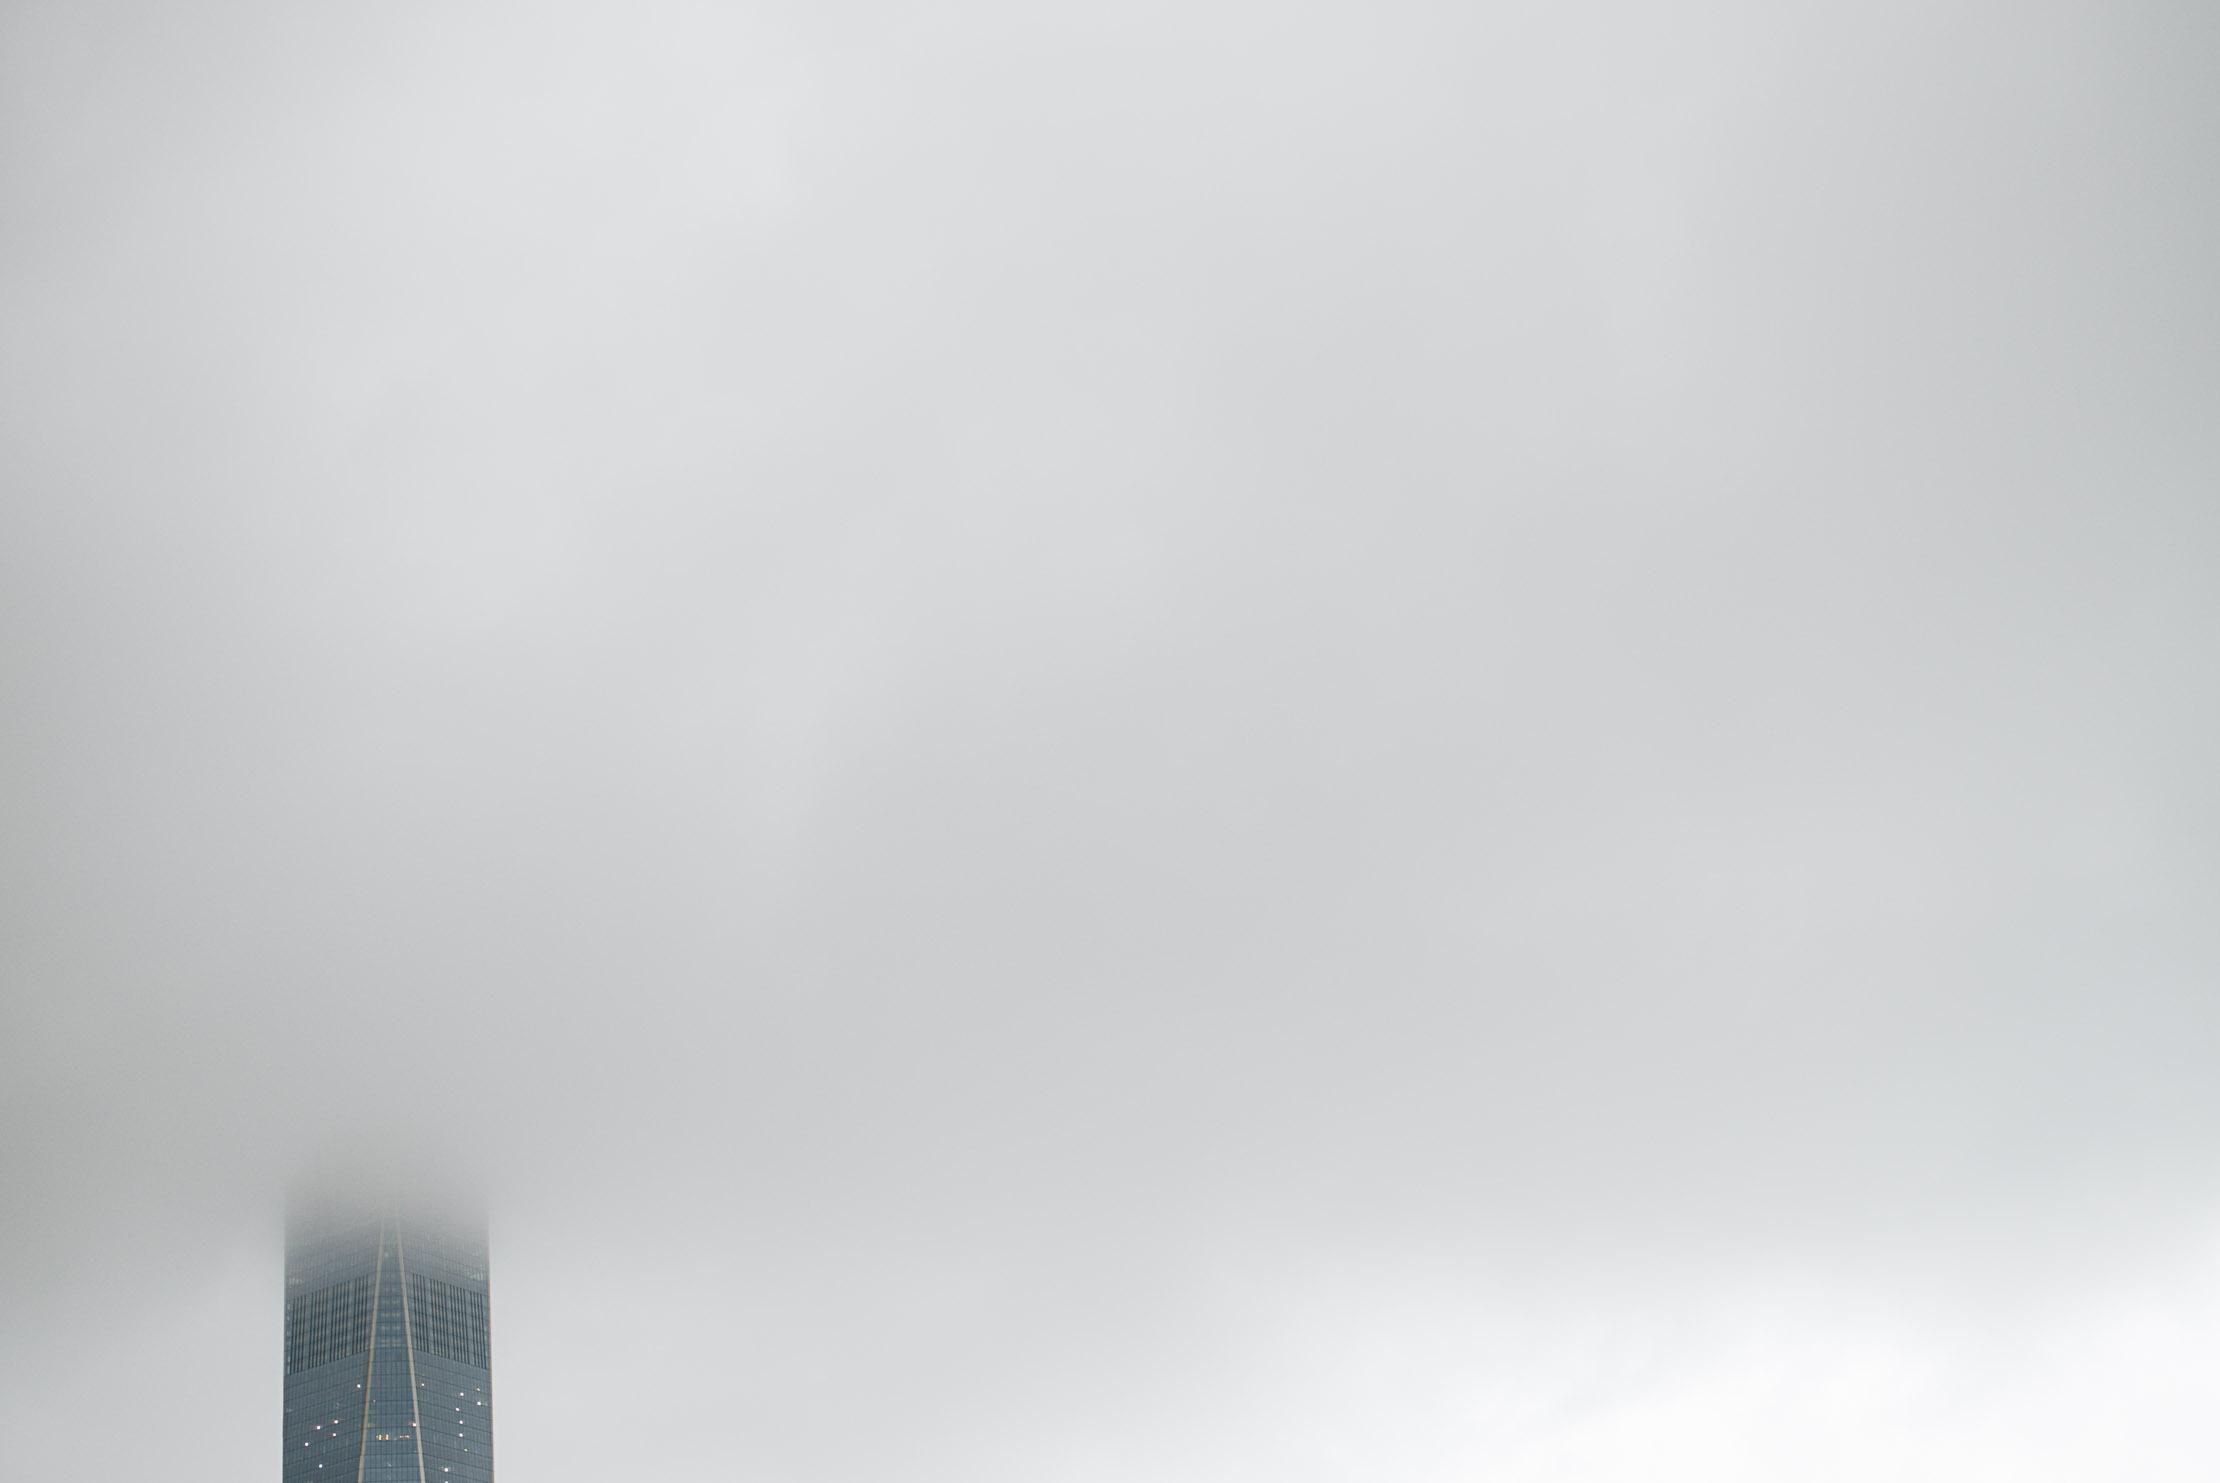 New York, September 2015